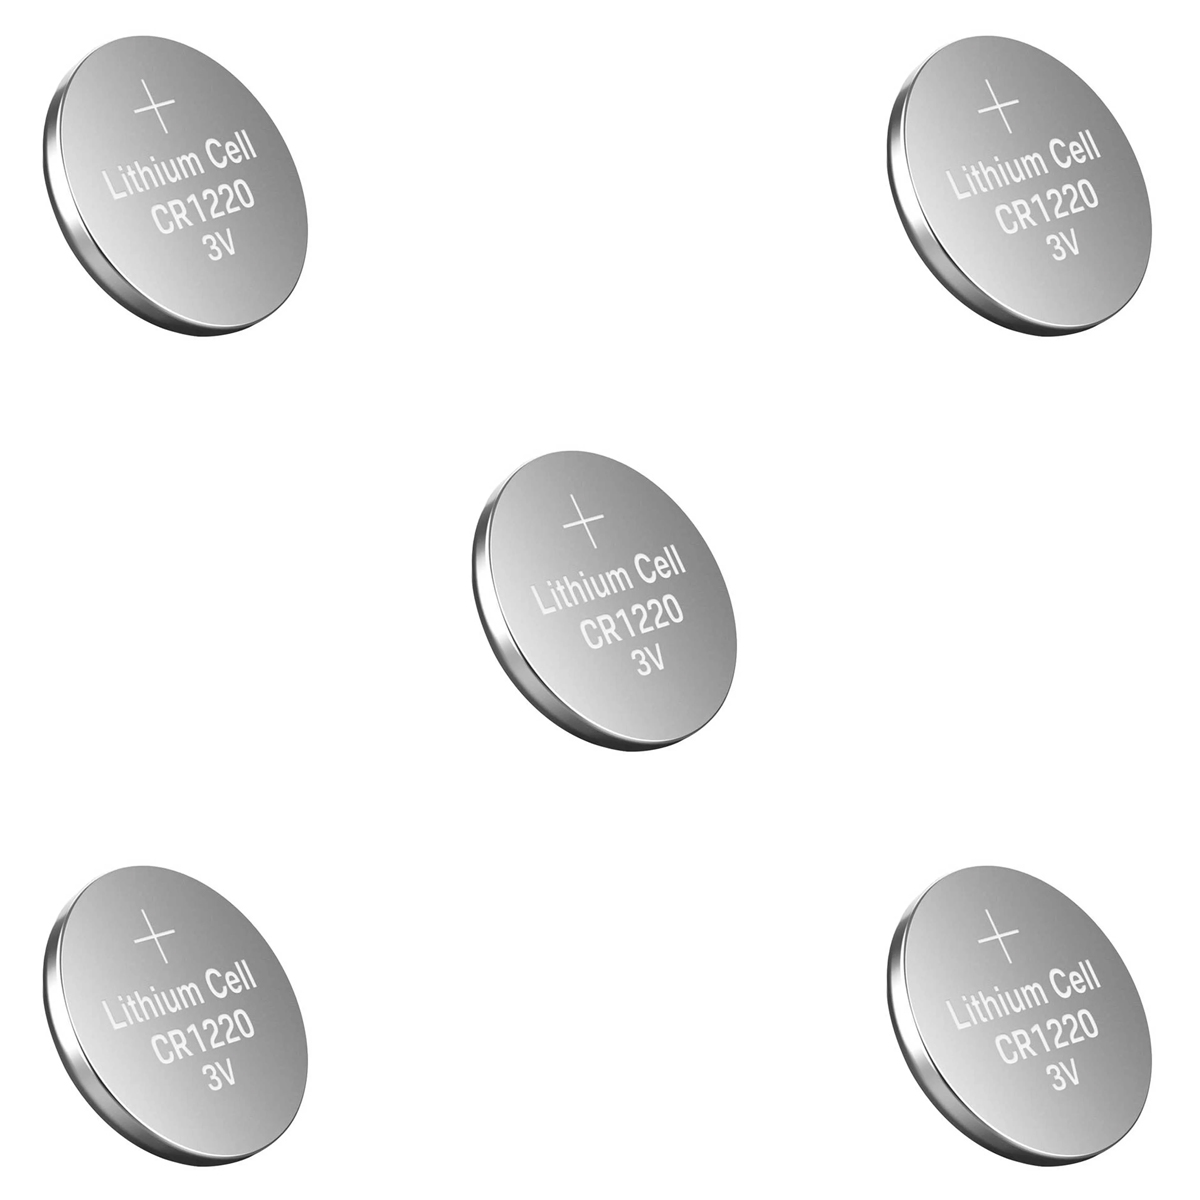 5x Bateria CR1220 3V de Lithium / Pilha CR1220